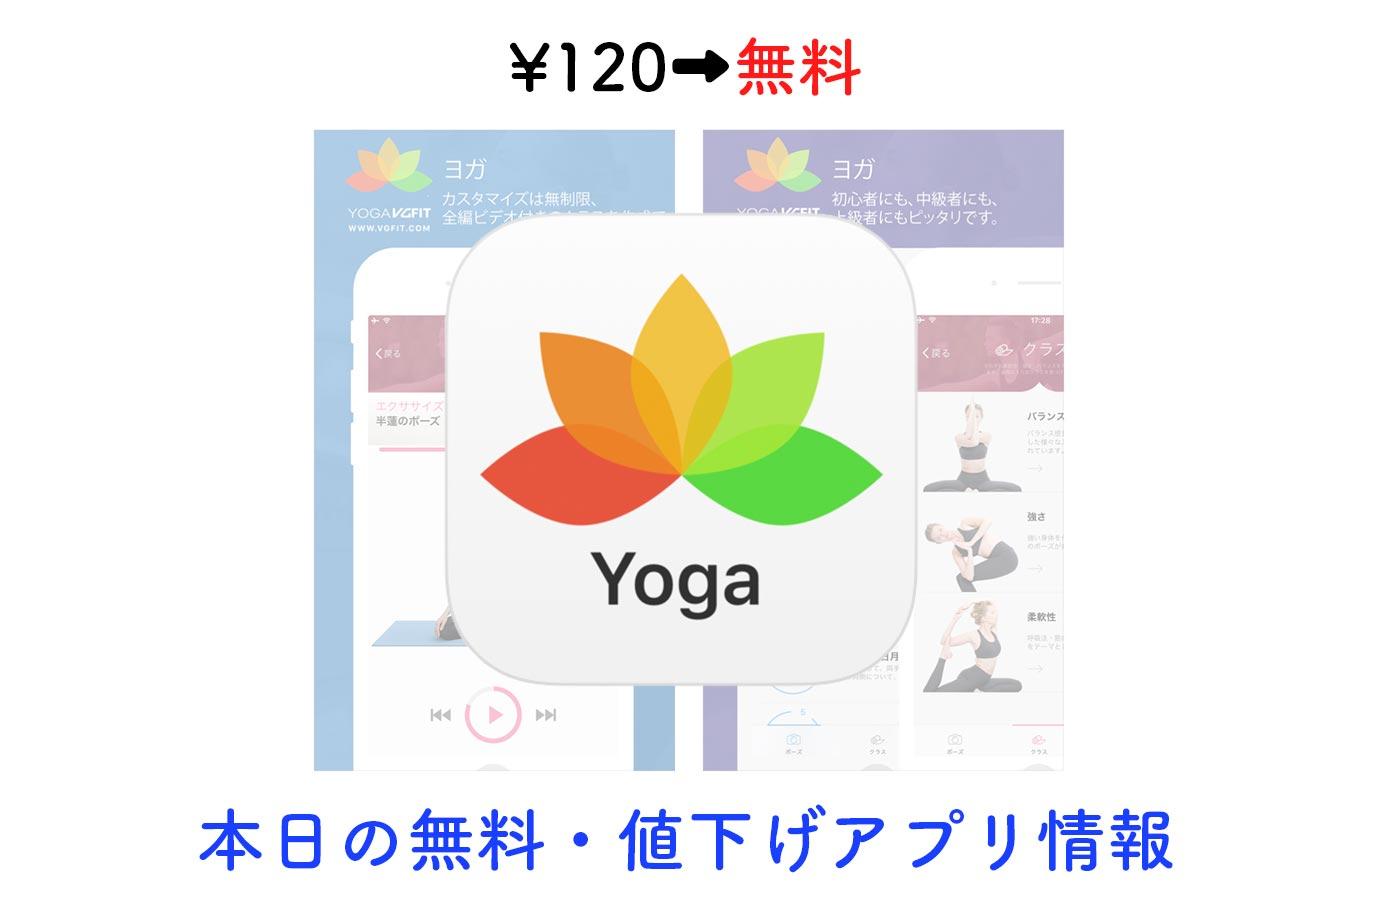 ¥120→無料、111種類のヨガのポーズがHDビデオで確認できる「ヨガ:ポーズとクラス」など【10/19】本日の無料・値下げアプリ情報